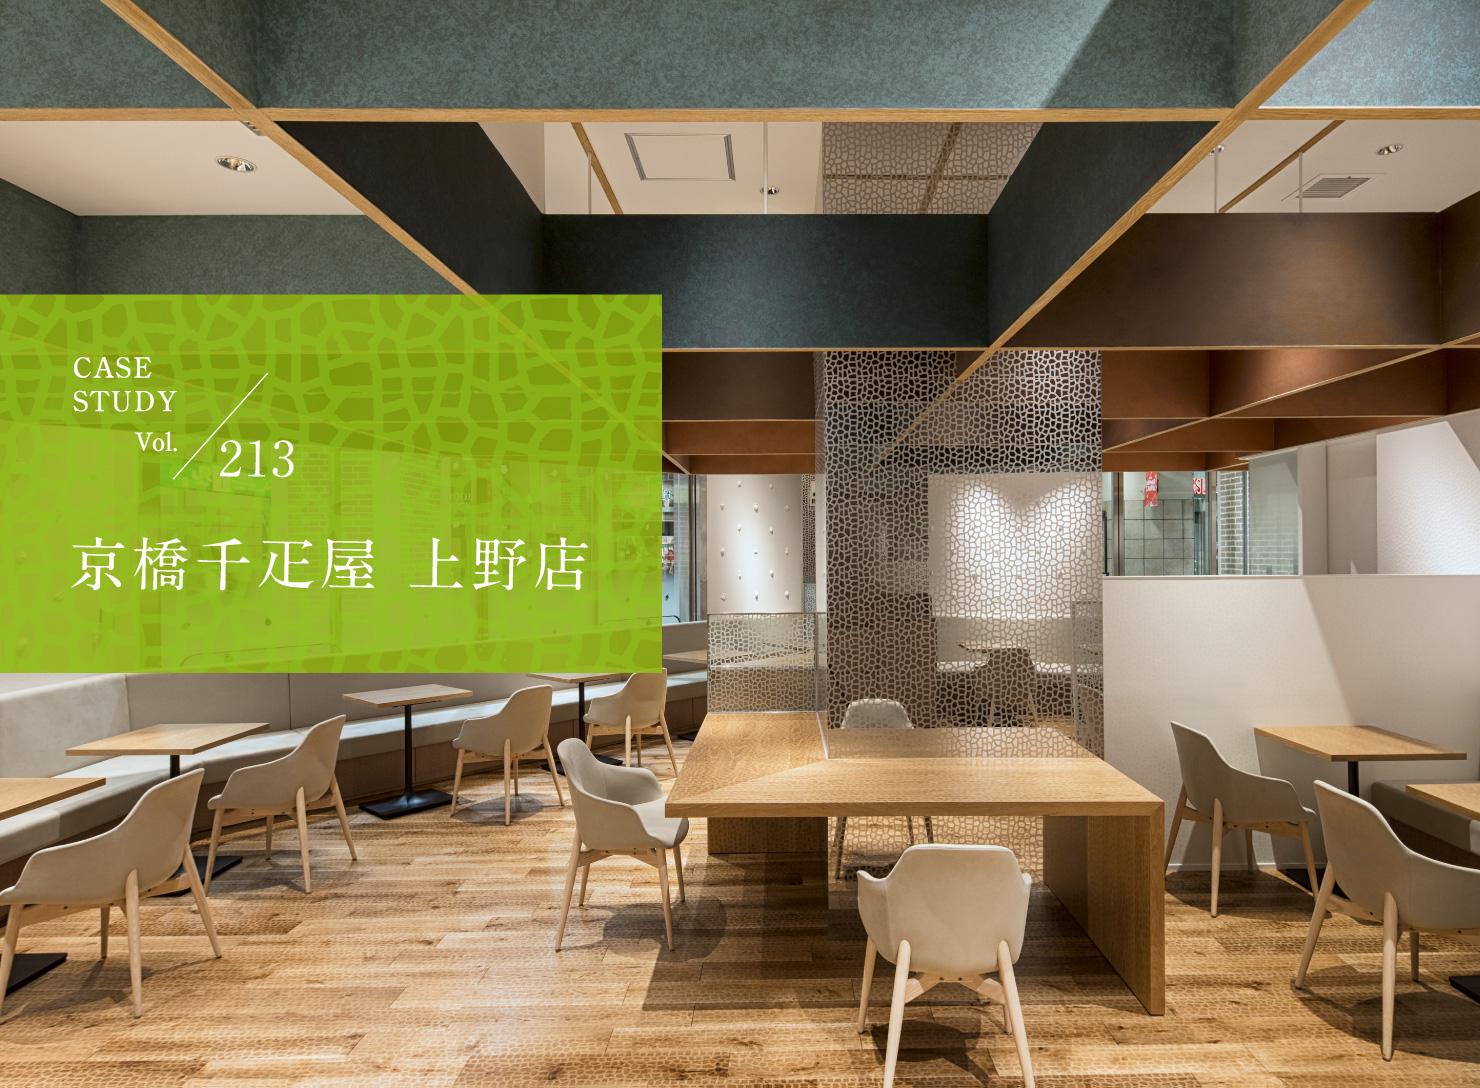 CASE STUDY Vol.207 京橋千疋屋 上野店